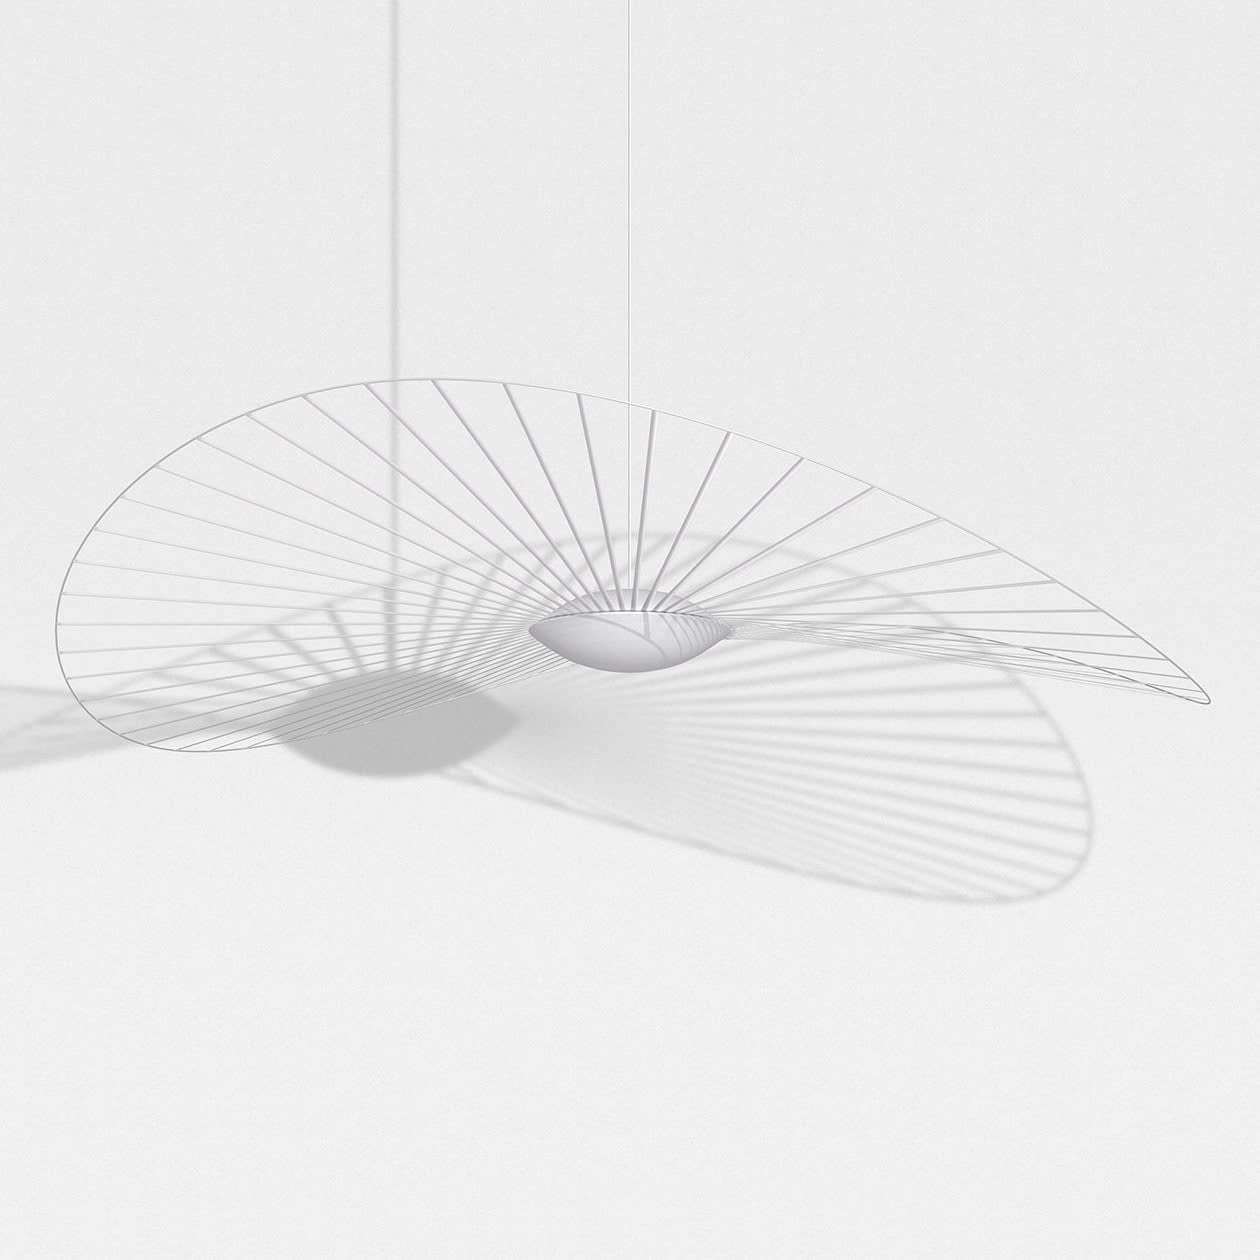 Petite Friture Vertigo Nova Hanglamp Ø 110 cm